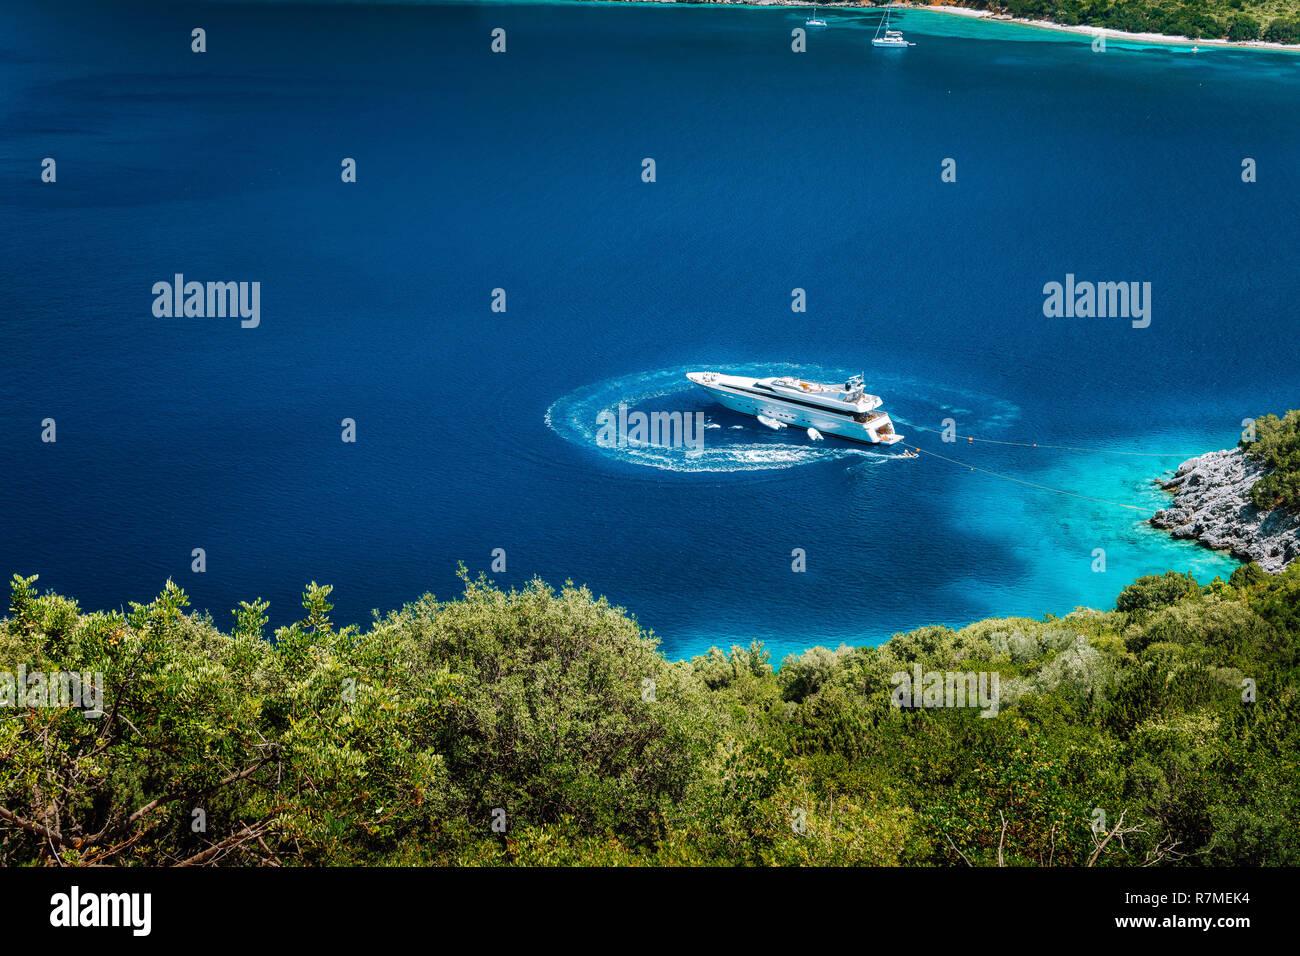 5c413ce5793006 Luxus weißen Yacht segeln Boot ankern in einer ruhigen Bucht im tiefen  blauen Wasser Wasser